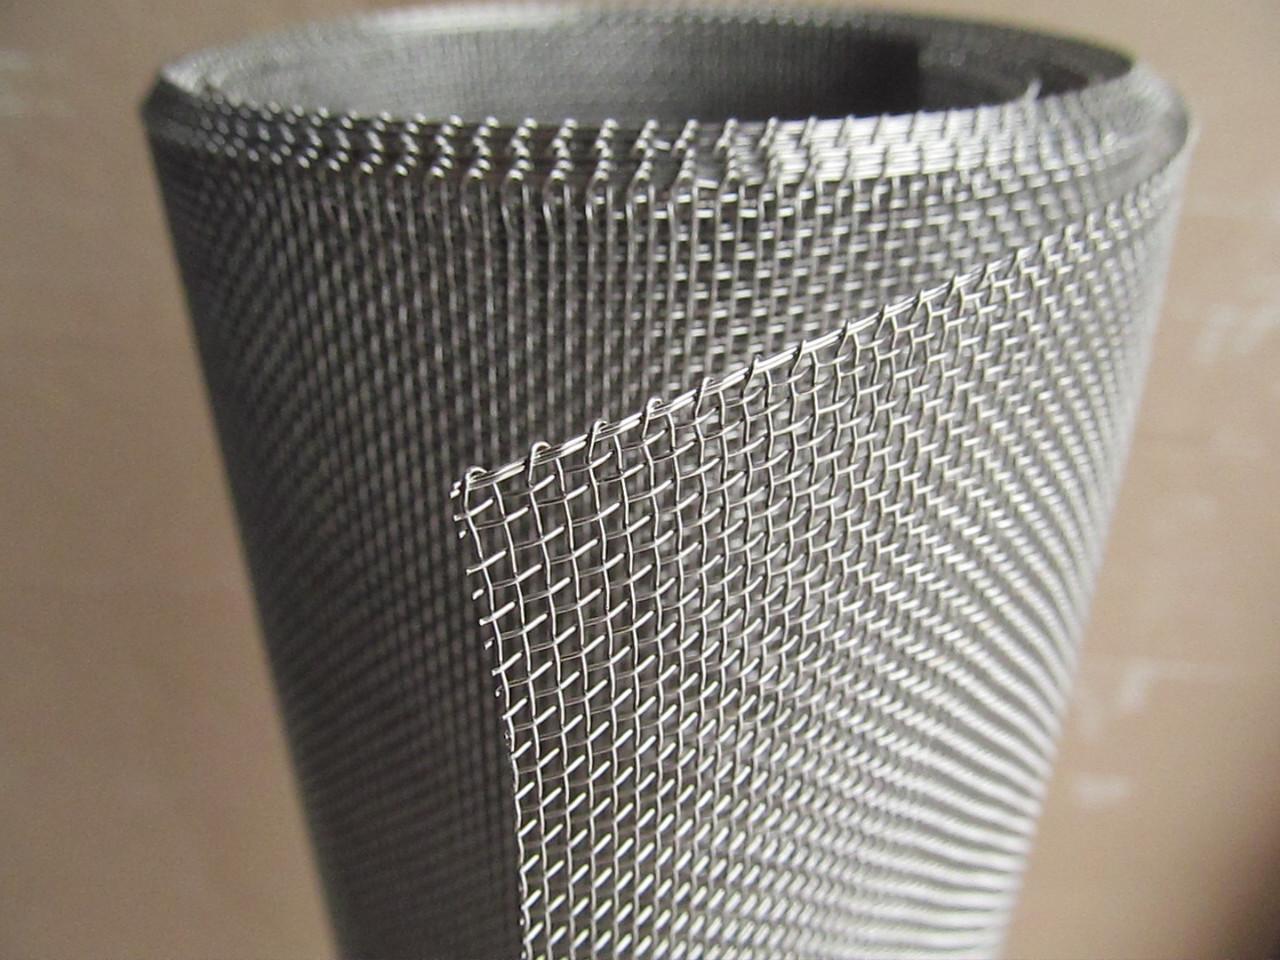 Сетка тканая из нержавеющей проволоки. Ячейка: 1,5мм, Проволока: 0,4мм, Ширина 1м.